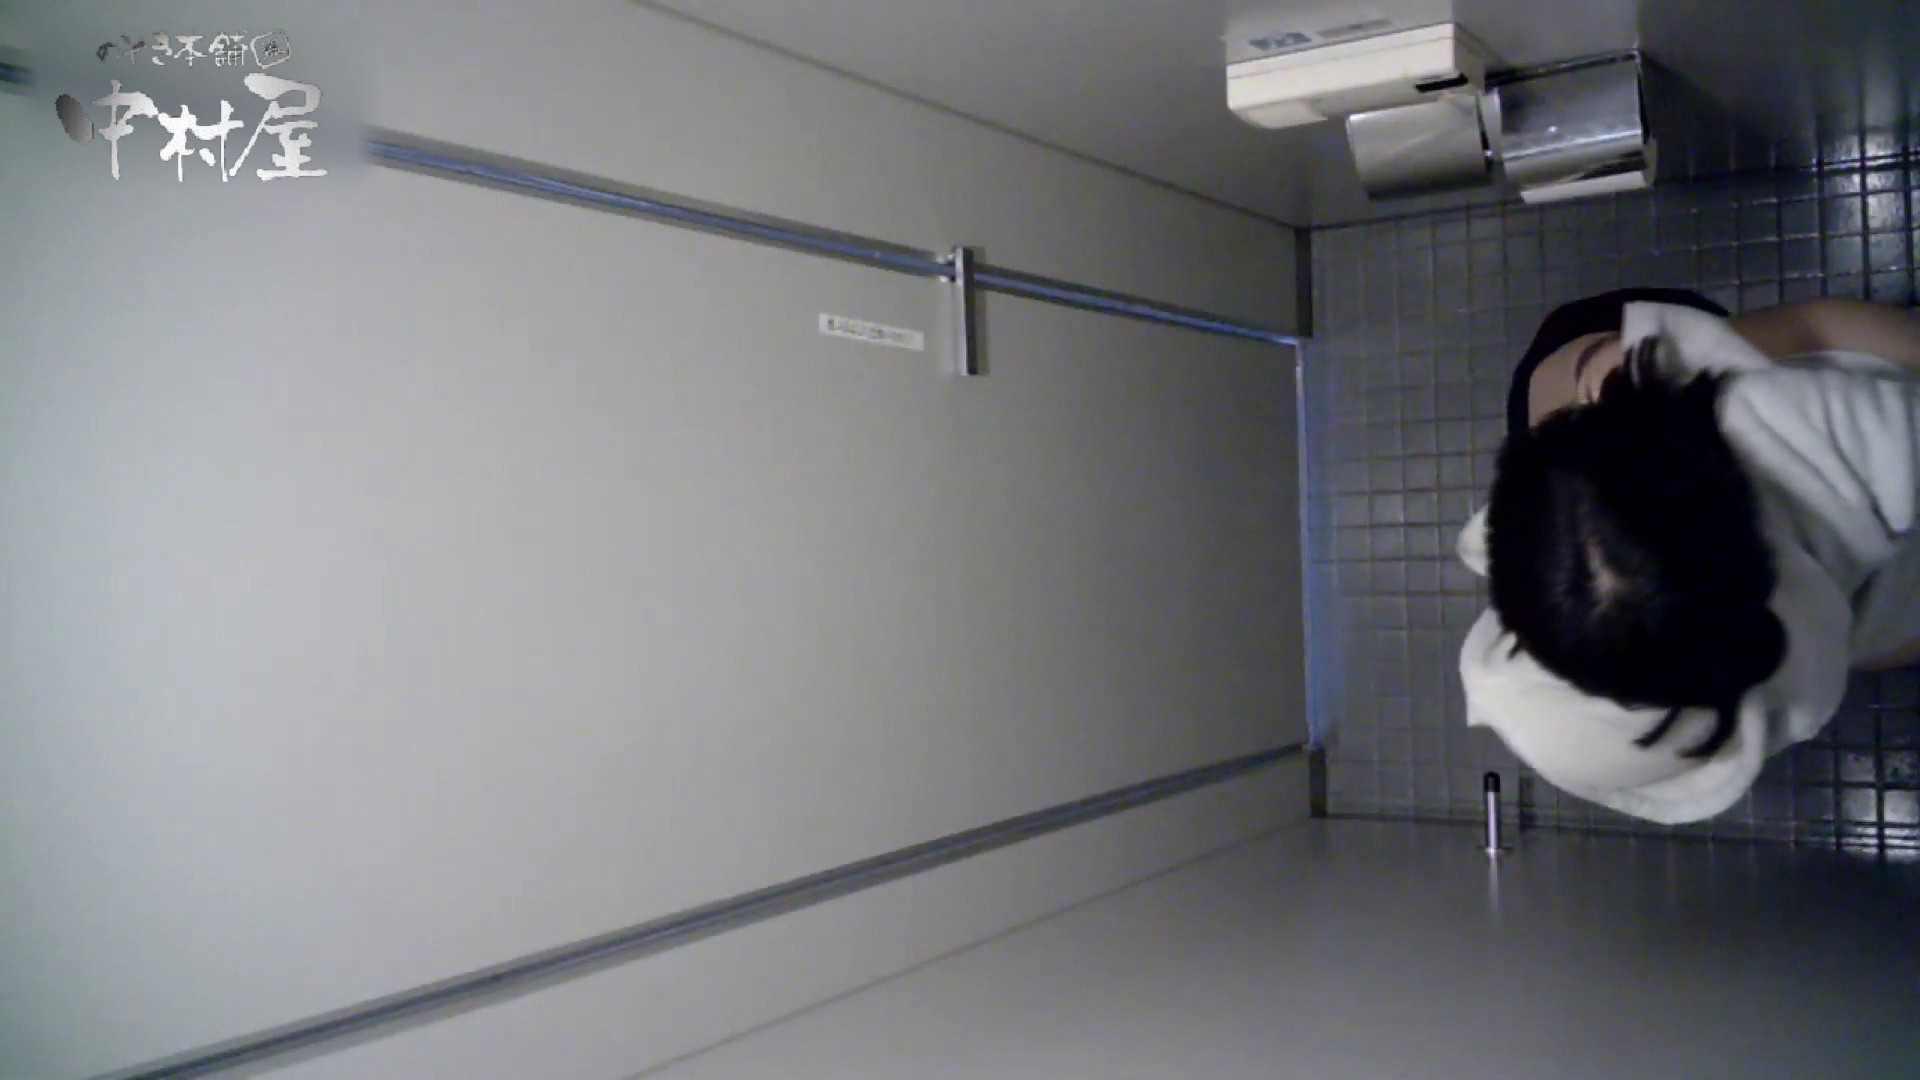 有名大学女性洗面所 vol.55 シャワー付きトイレならぬカメラ付きトイレです。